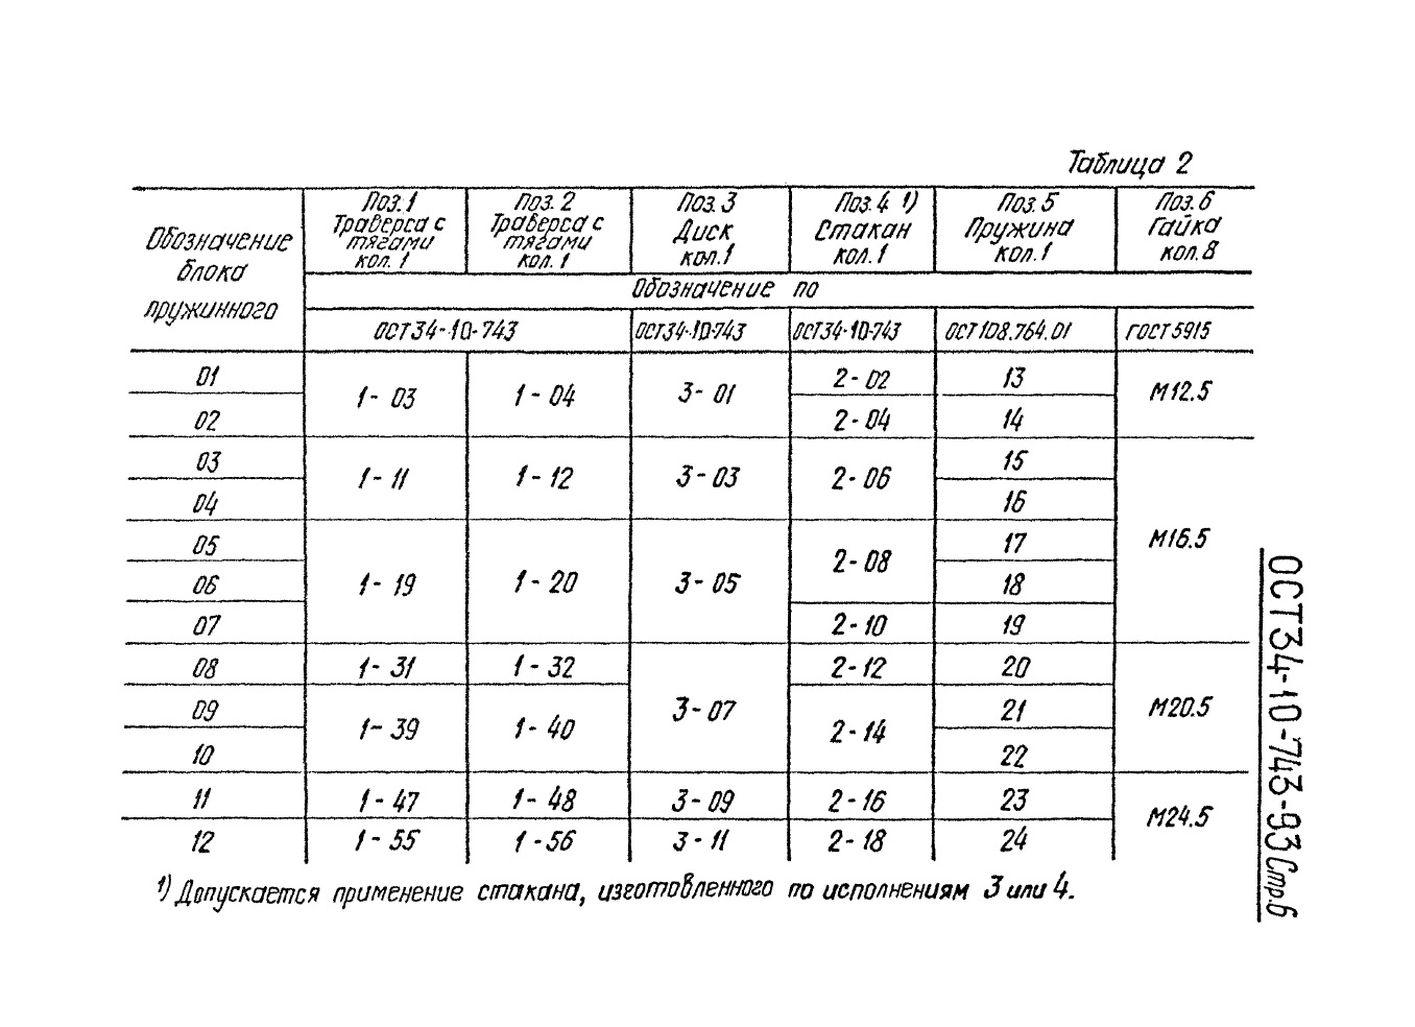 Блоки пружинные ОСТ 34-10-743-93 стр.6